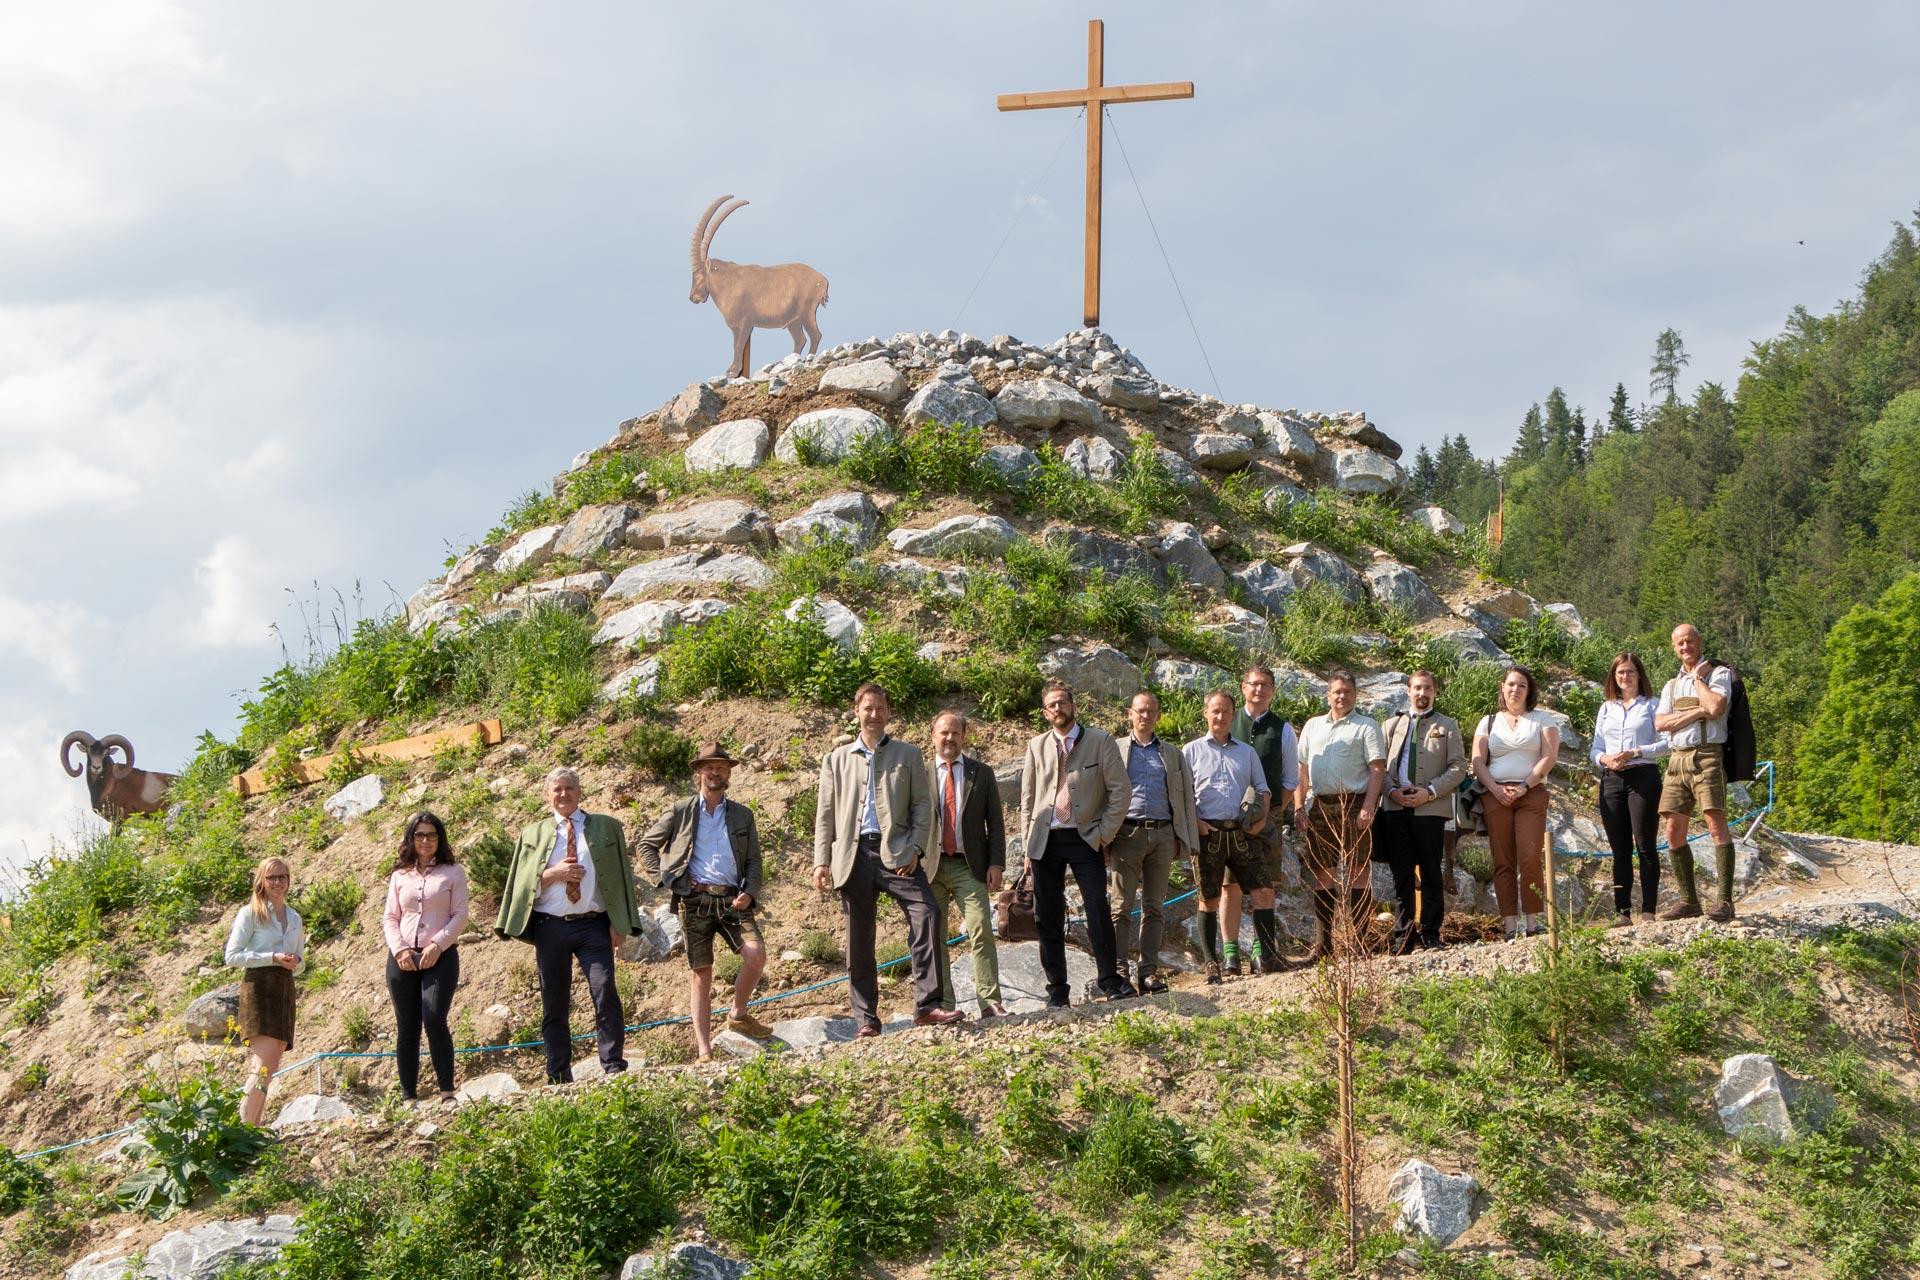 Besuch in den Naturwelten Steiermark, Jagdfakten.at informiert